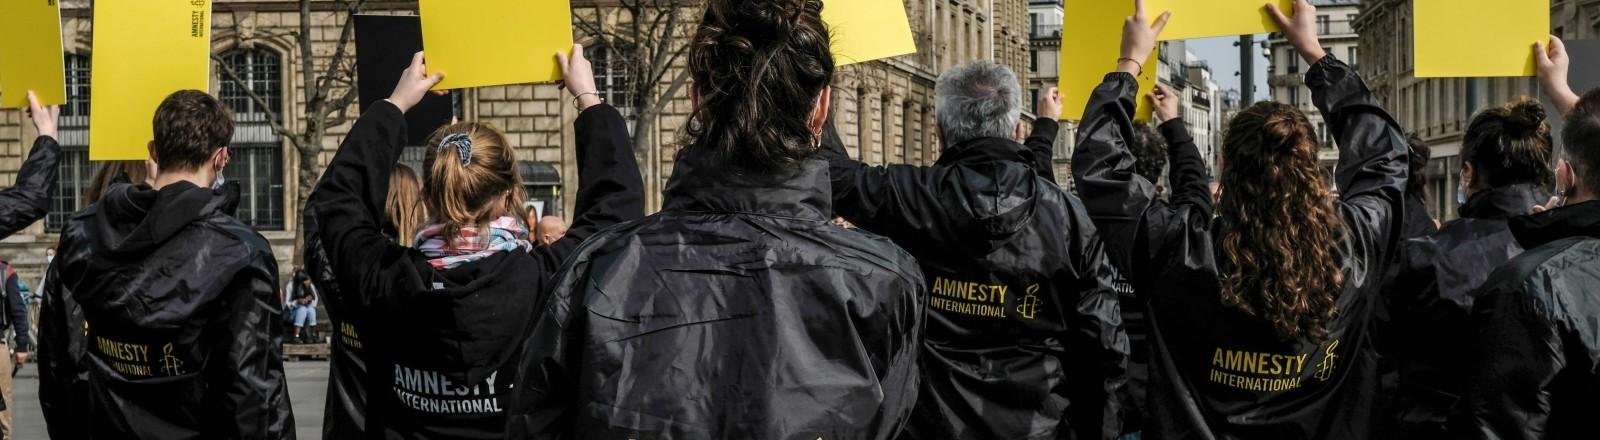 Aktivistinnen und Aktivisten von Amnesty International demonstrieren am 25.02.2021 in Paris.